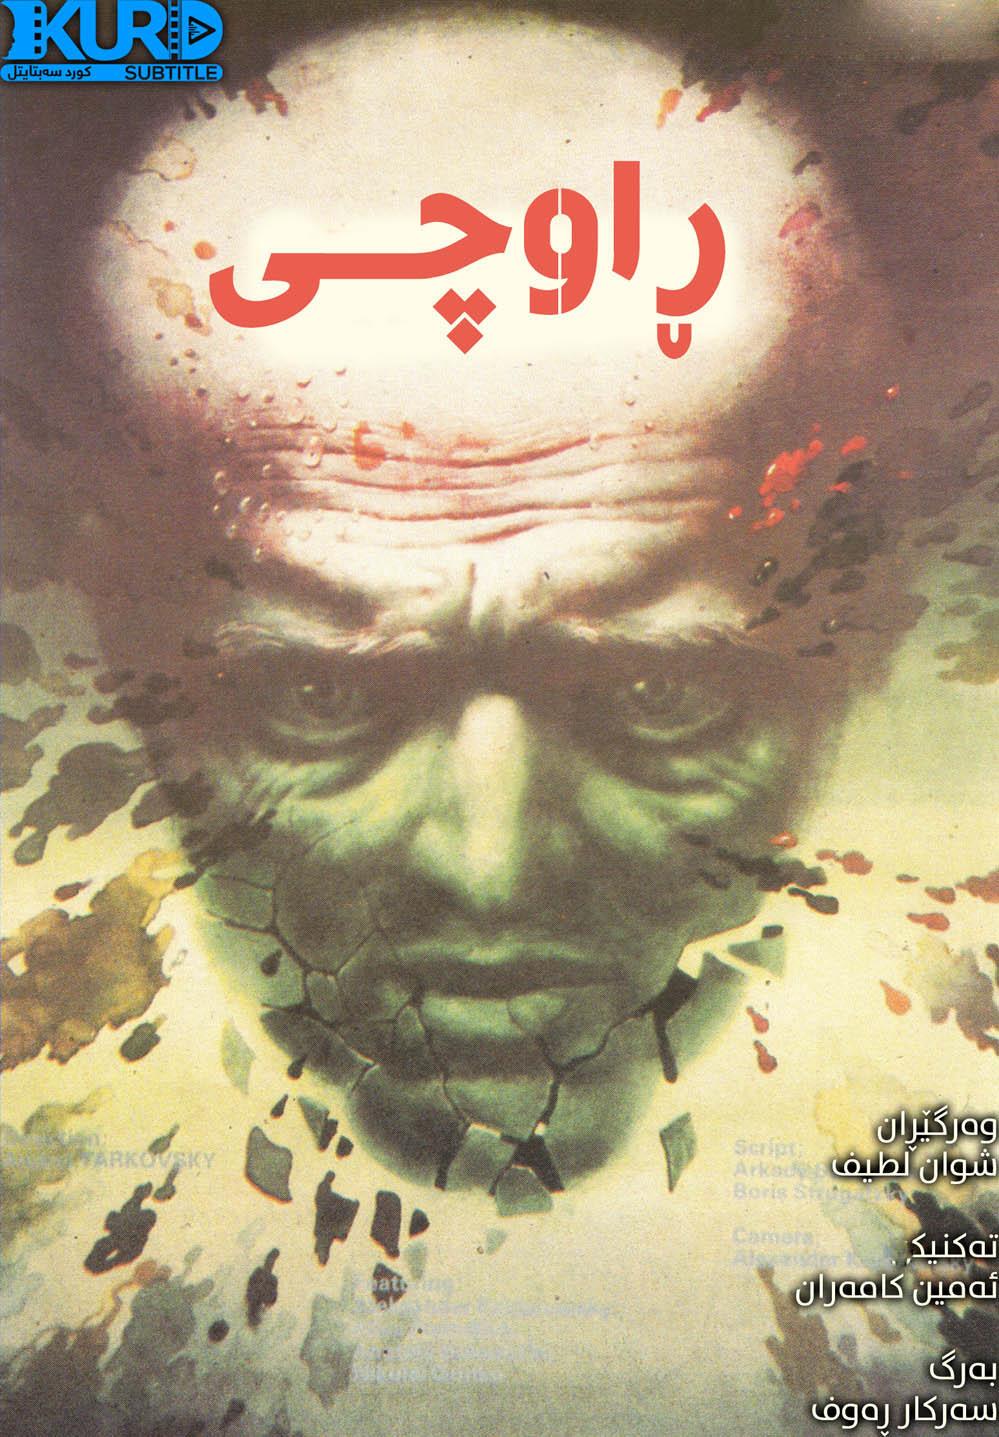 Stalker kurdish poster